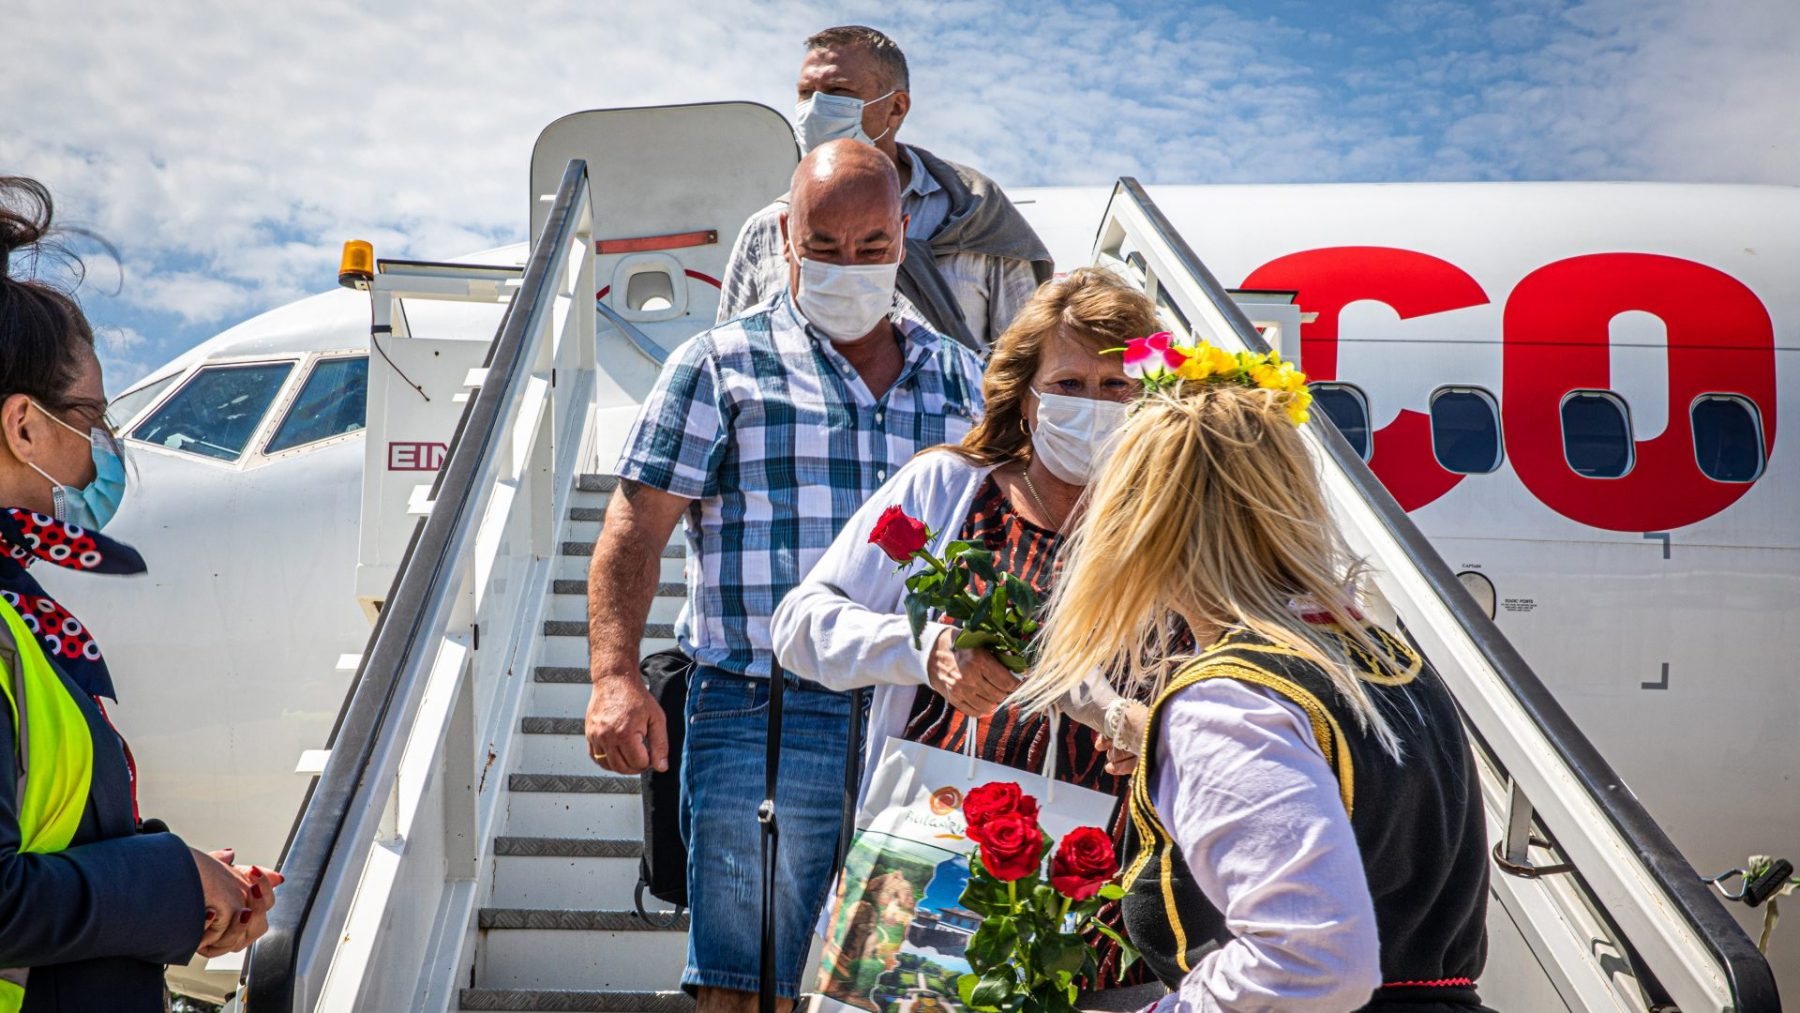 Corendon besluit toch om de omstreden Turkije-vakanties te cancelen